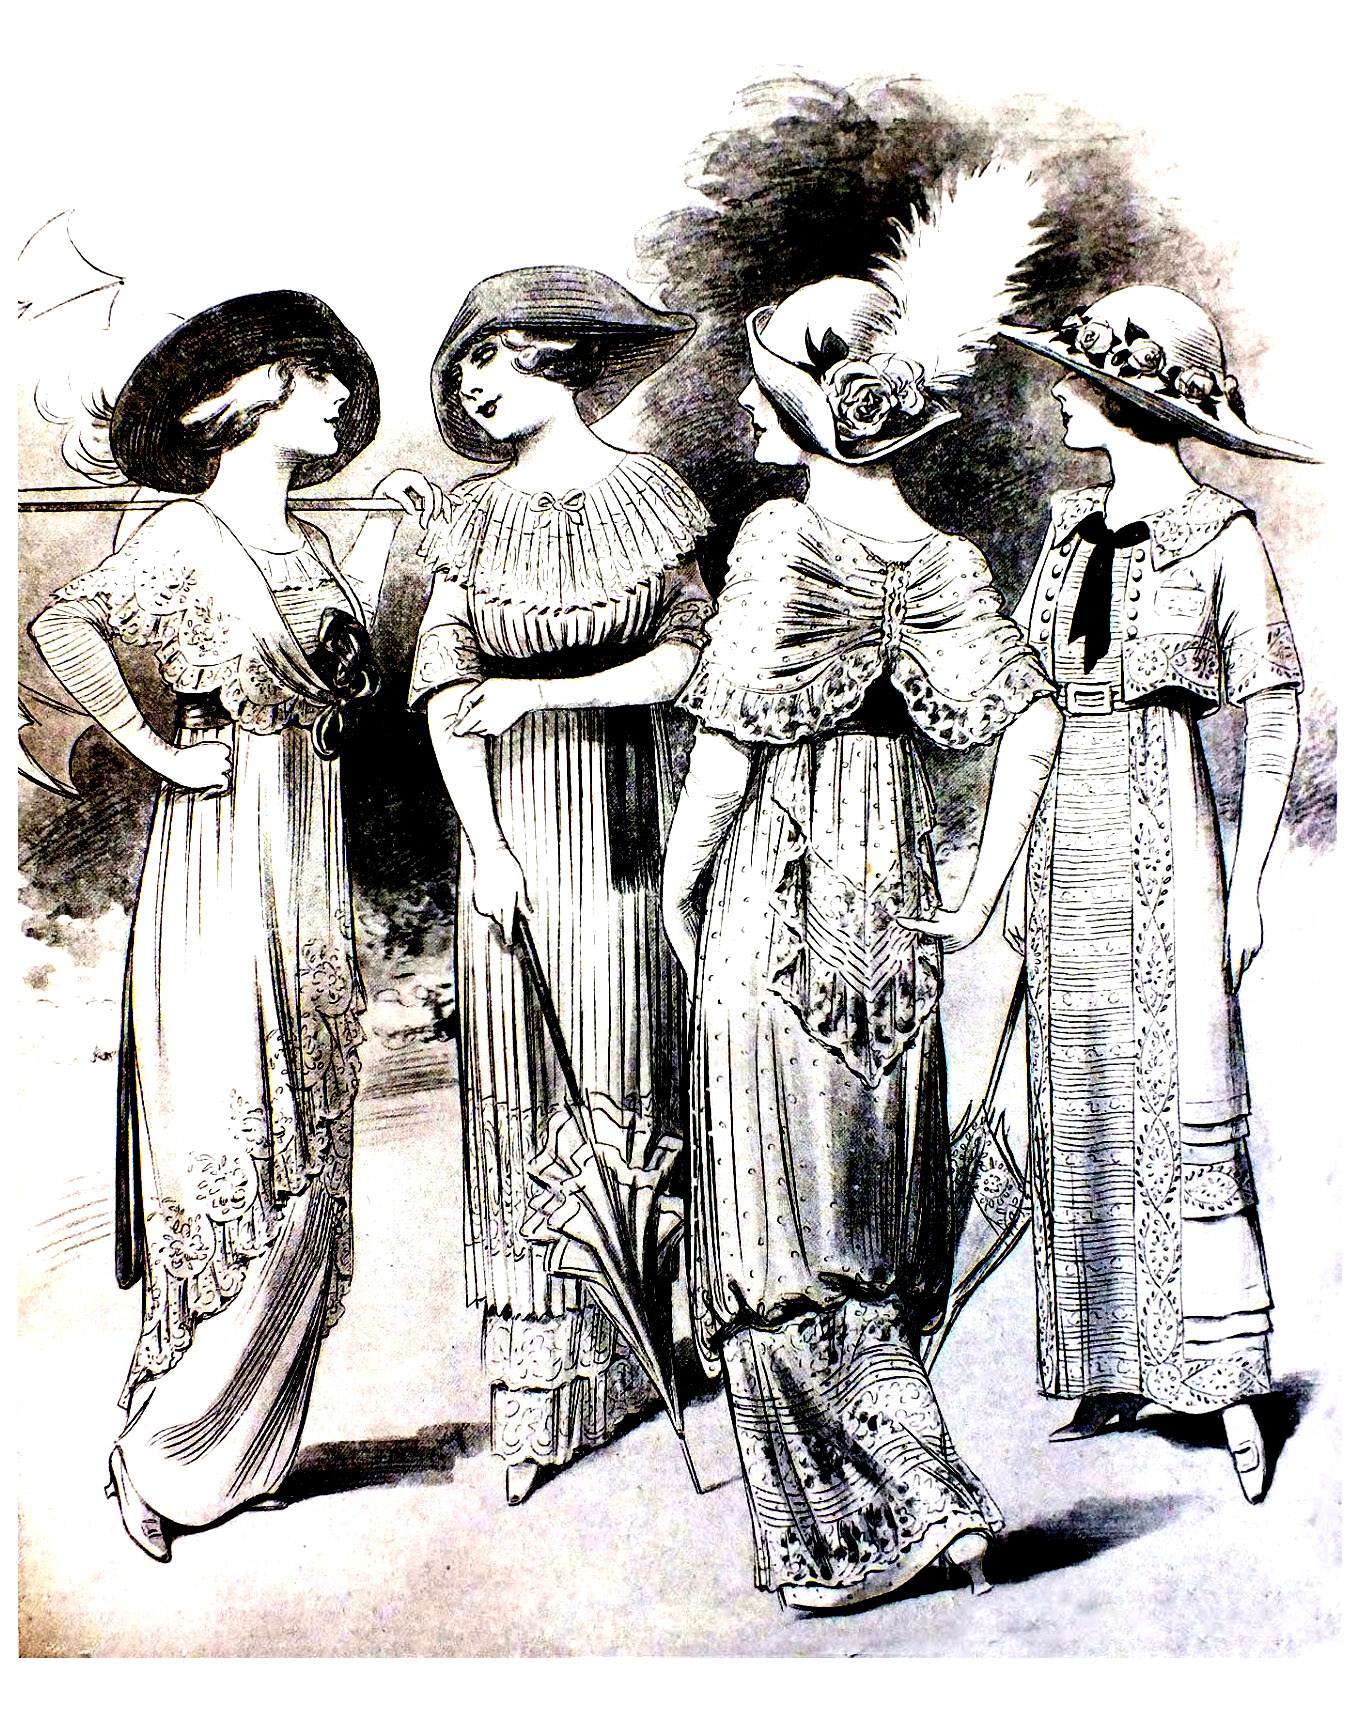 Disegni da colorare per adulti : Moda e abbigliamento - 8